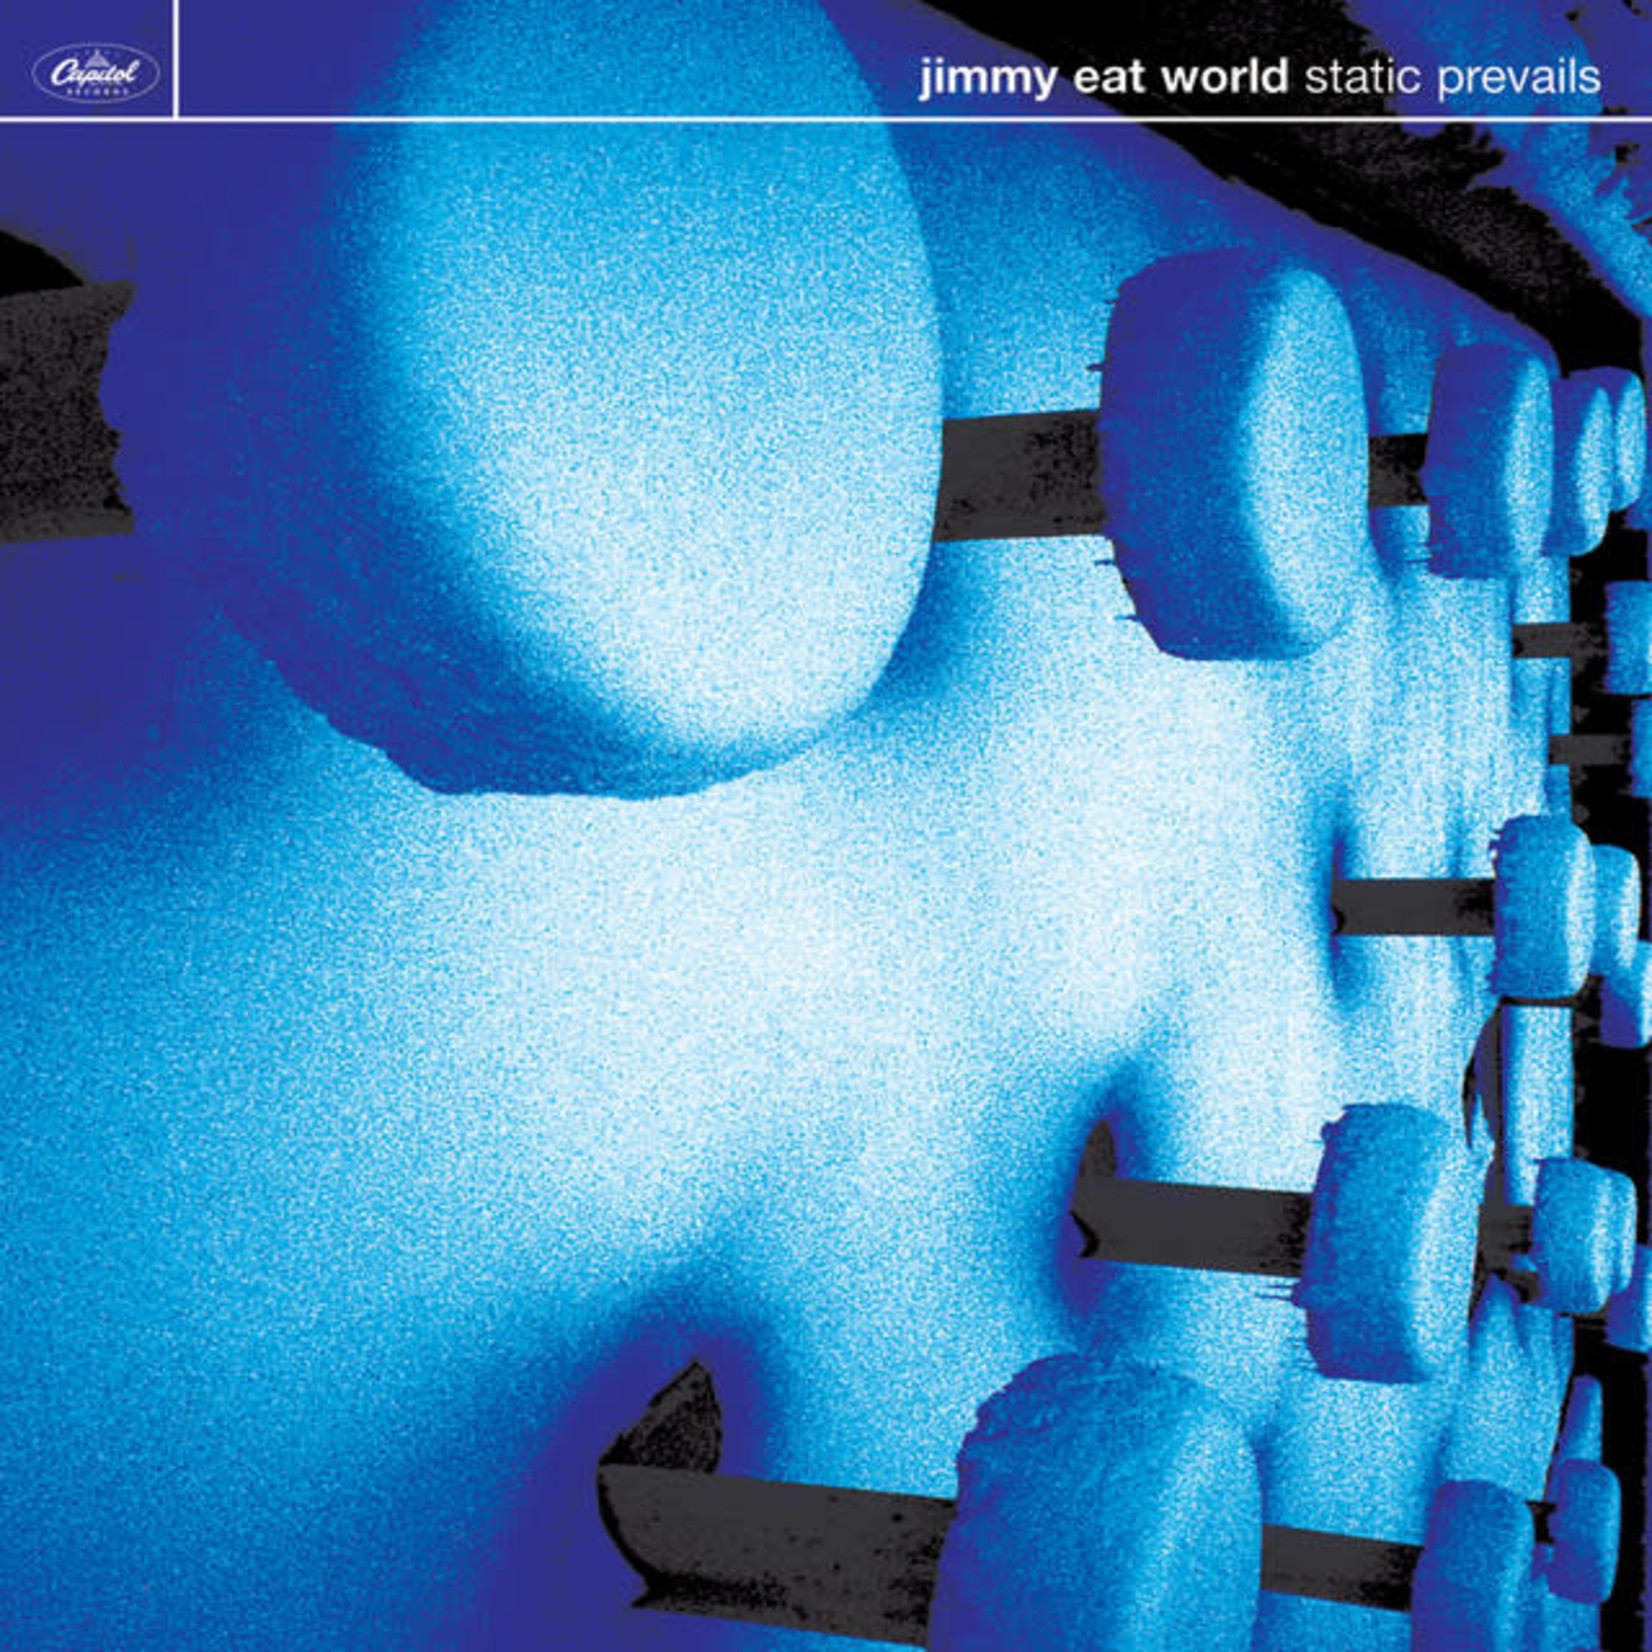 Vinyl Jimmy Eat World - Static Prevails